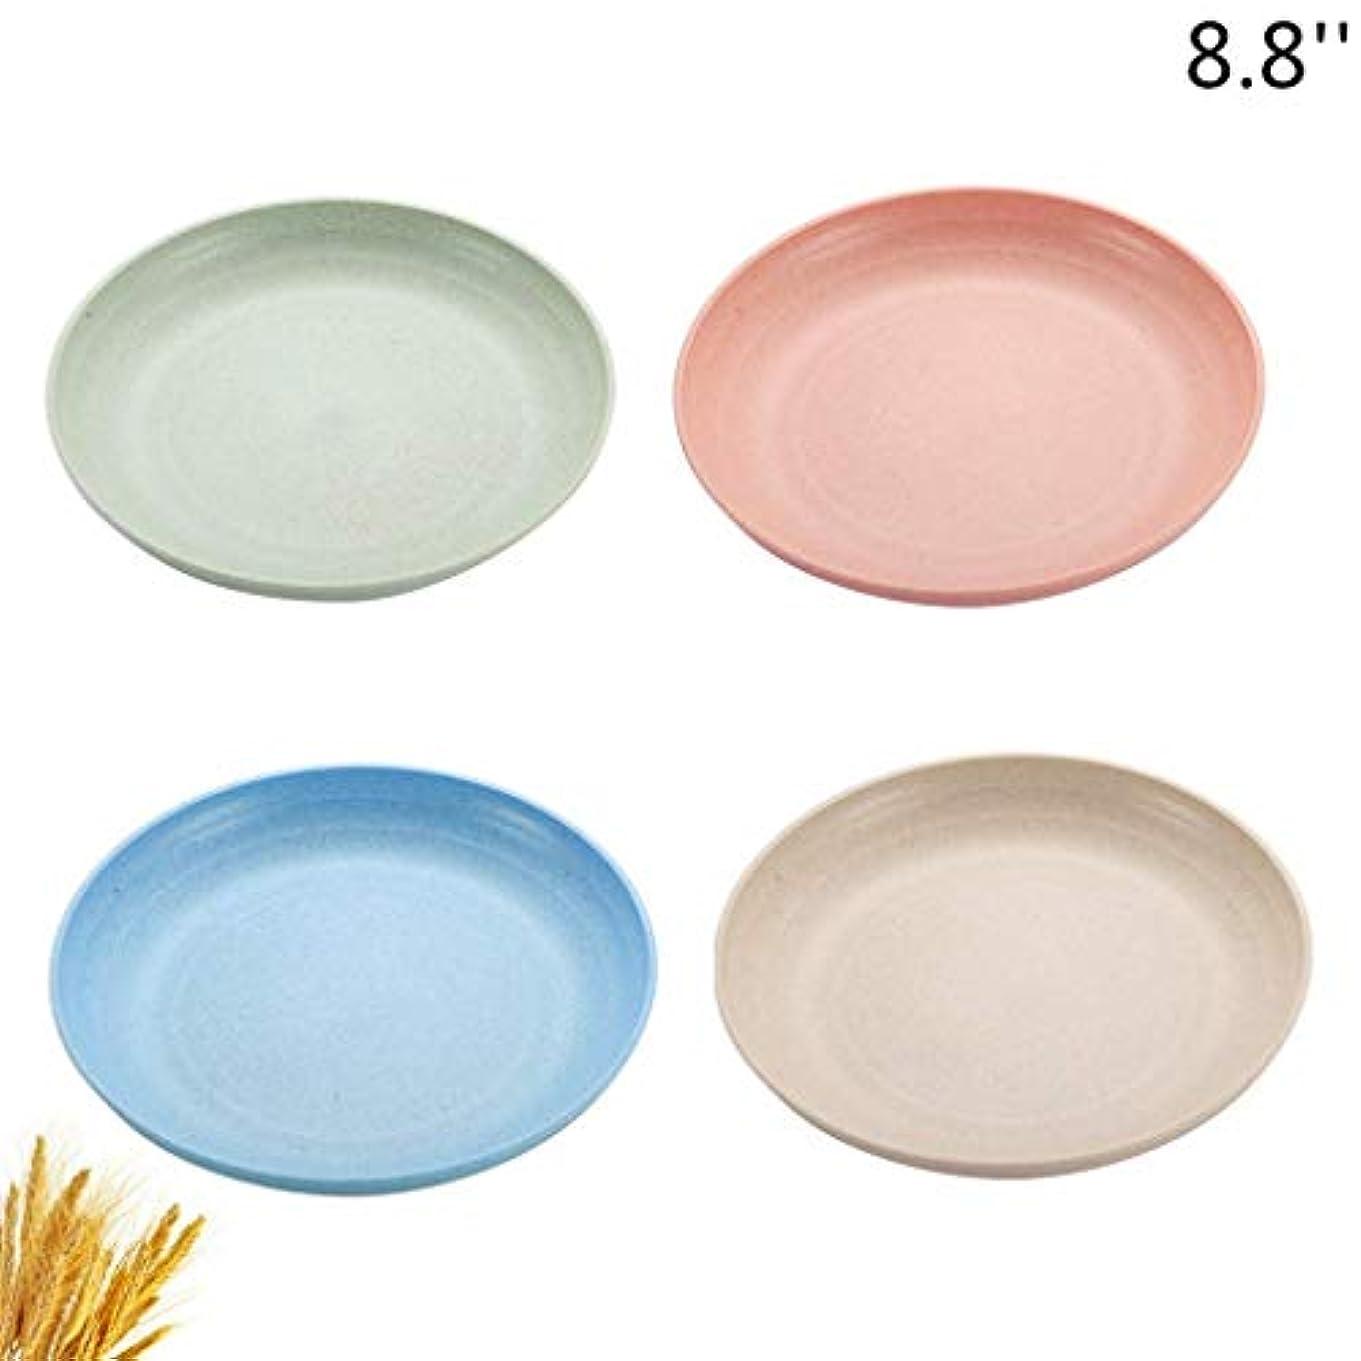 バッフルミッション玉ねぎNNBB 軽量&壊れない麦わら皿 8.8インチ 電子レンジ 非毒性 健康 環境に優しい 分解性皿 健康的 BPA安全 食事 フルーツスナックコンテナ用 (4個パック)。